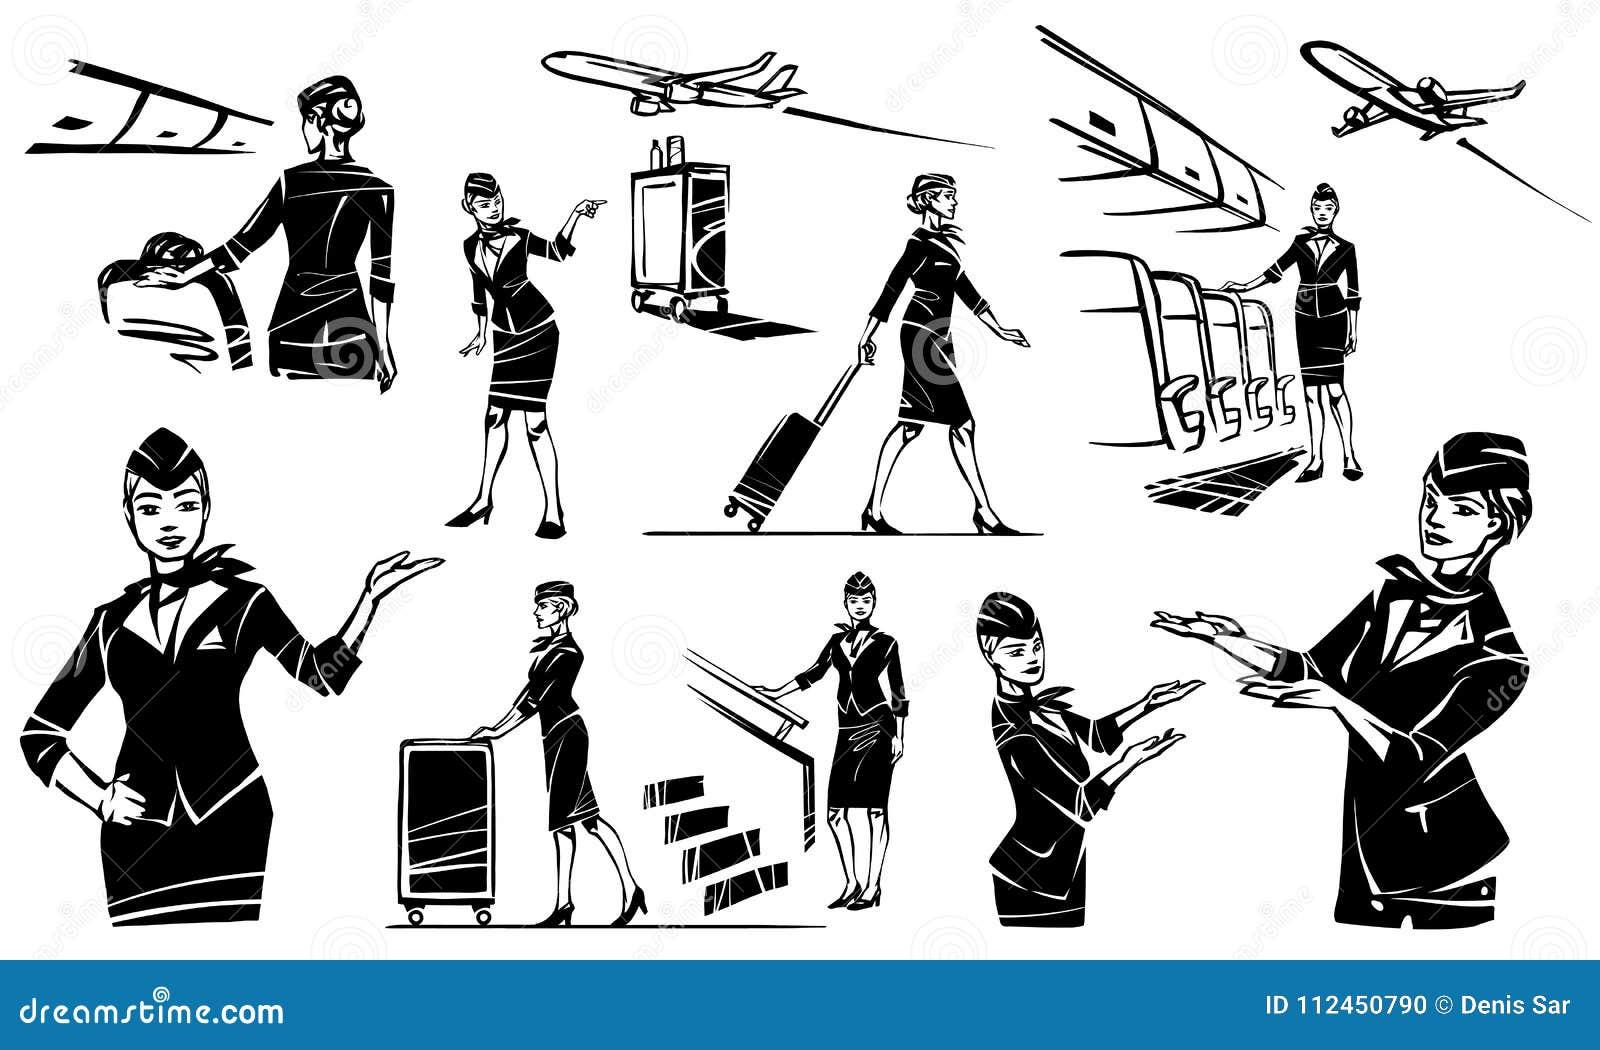 Η αεροσυνοδός πηγαίνει και κυλά τη βαλίτσα της Όμορφος αεροσυνοδός σε ένα αεροπλάνο